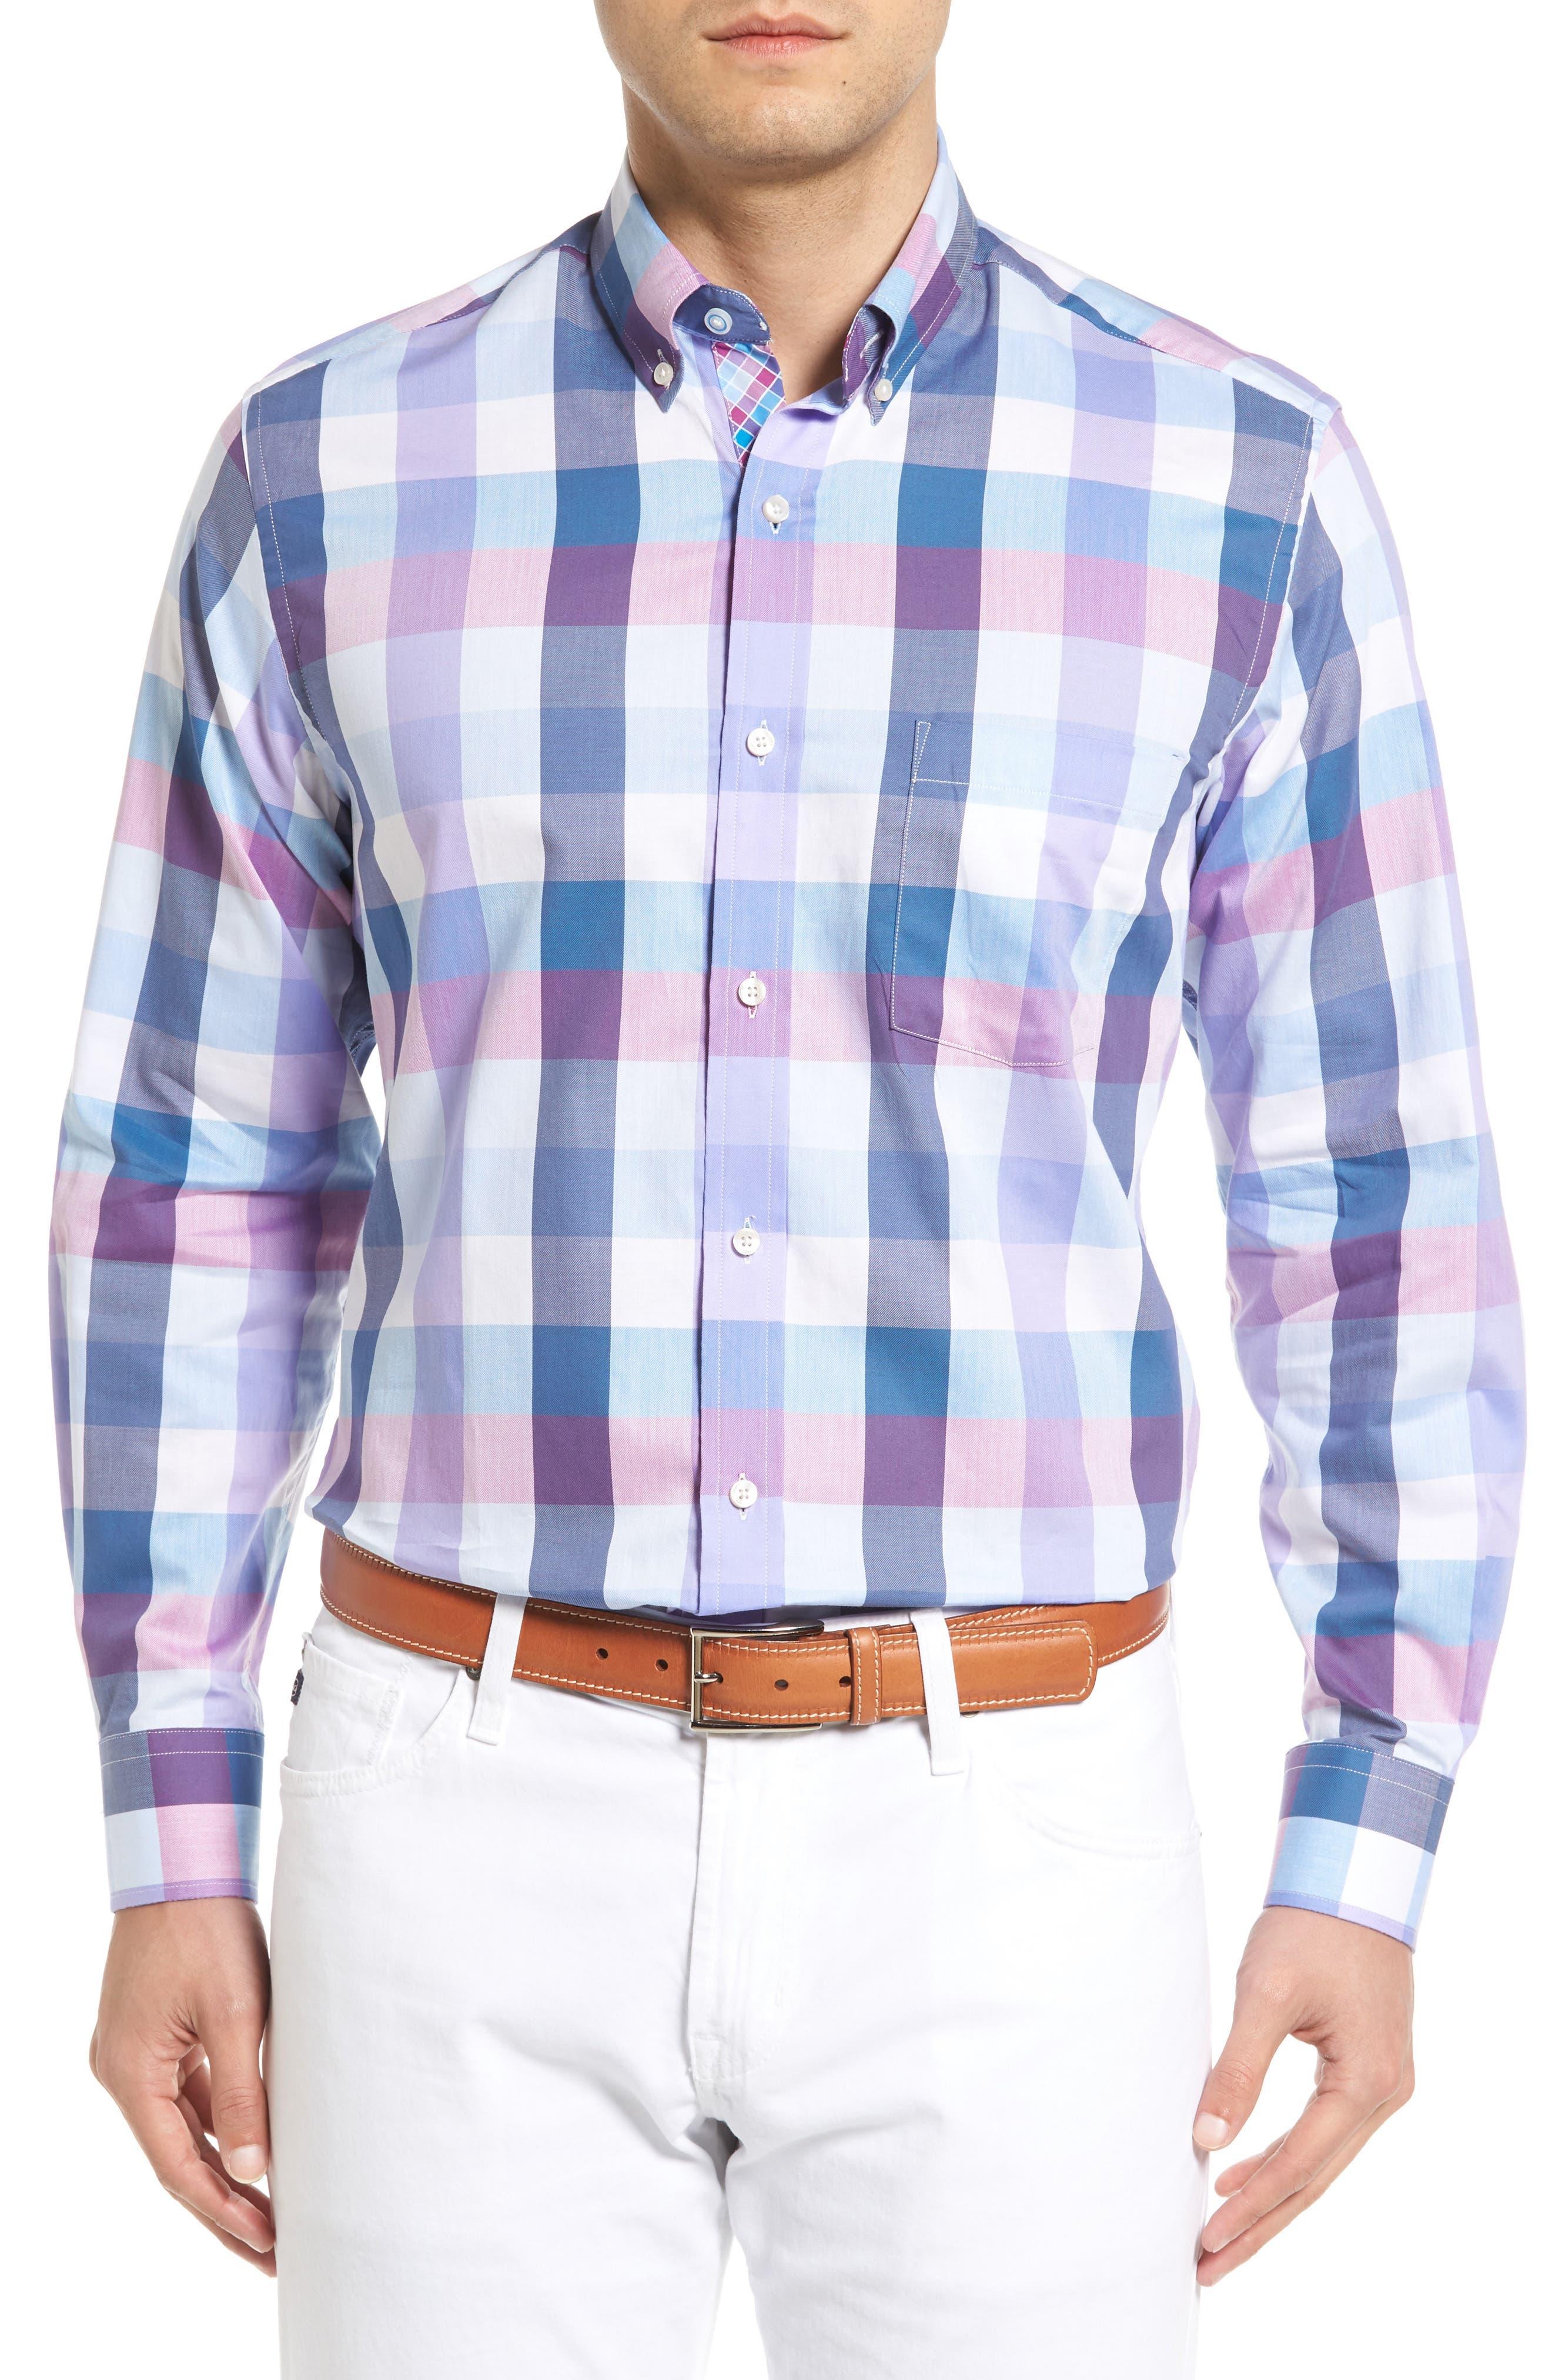 Accona Regular Fit Buffalo Check Sport Shirt,                             Main thumbnail 1, color,                             450